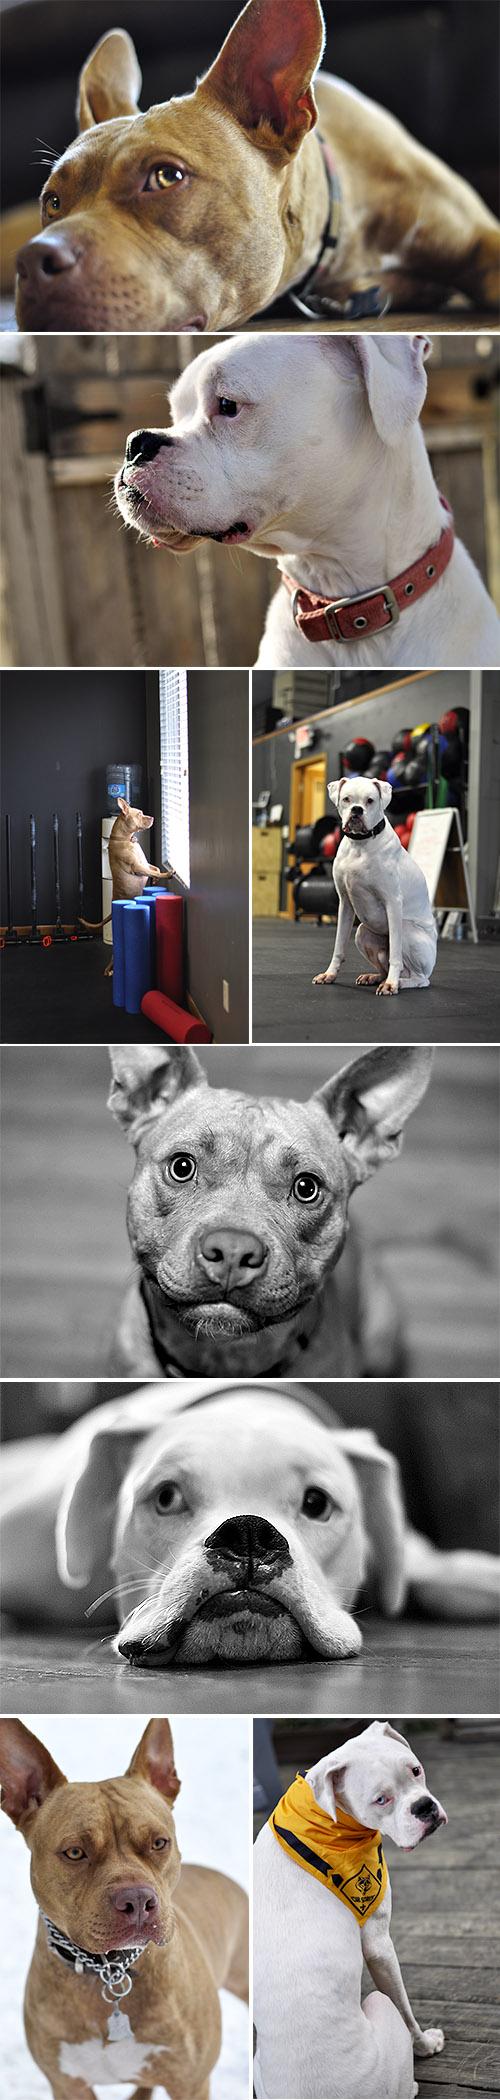 dogsProfile.jpg